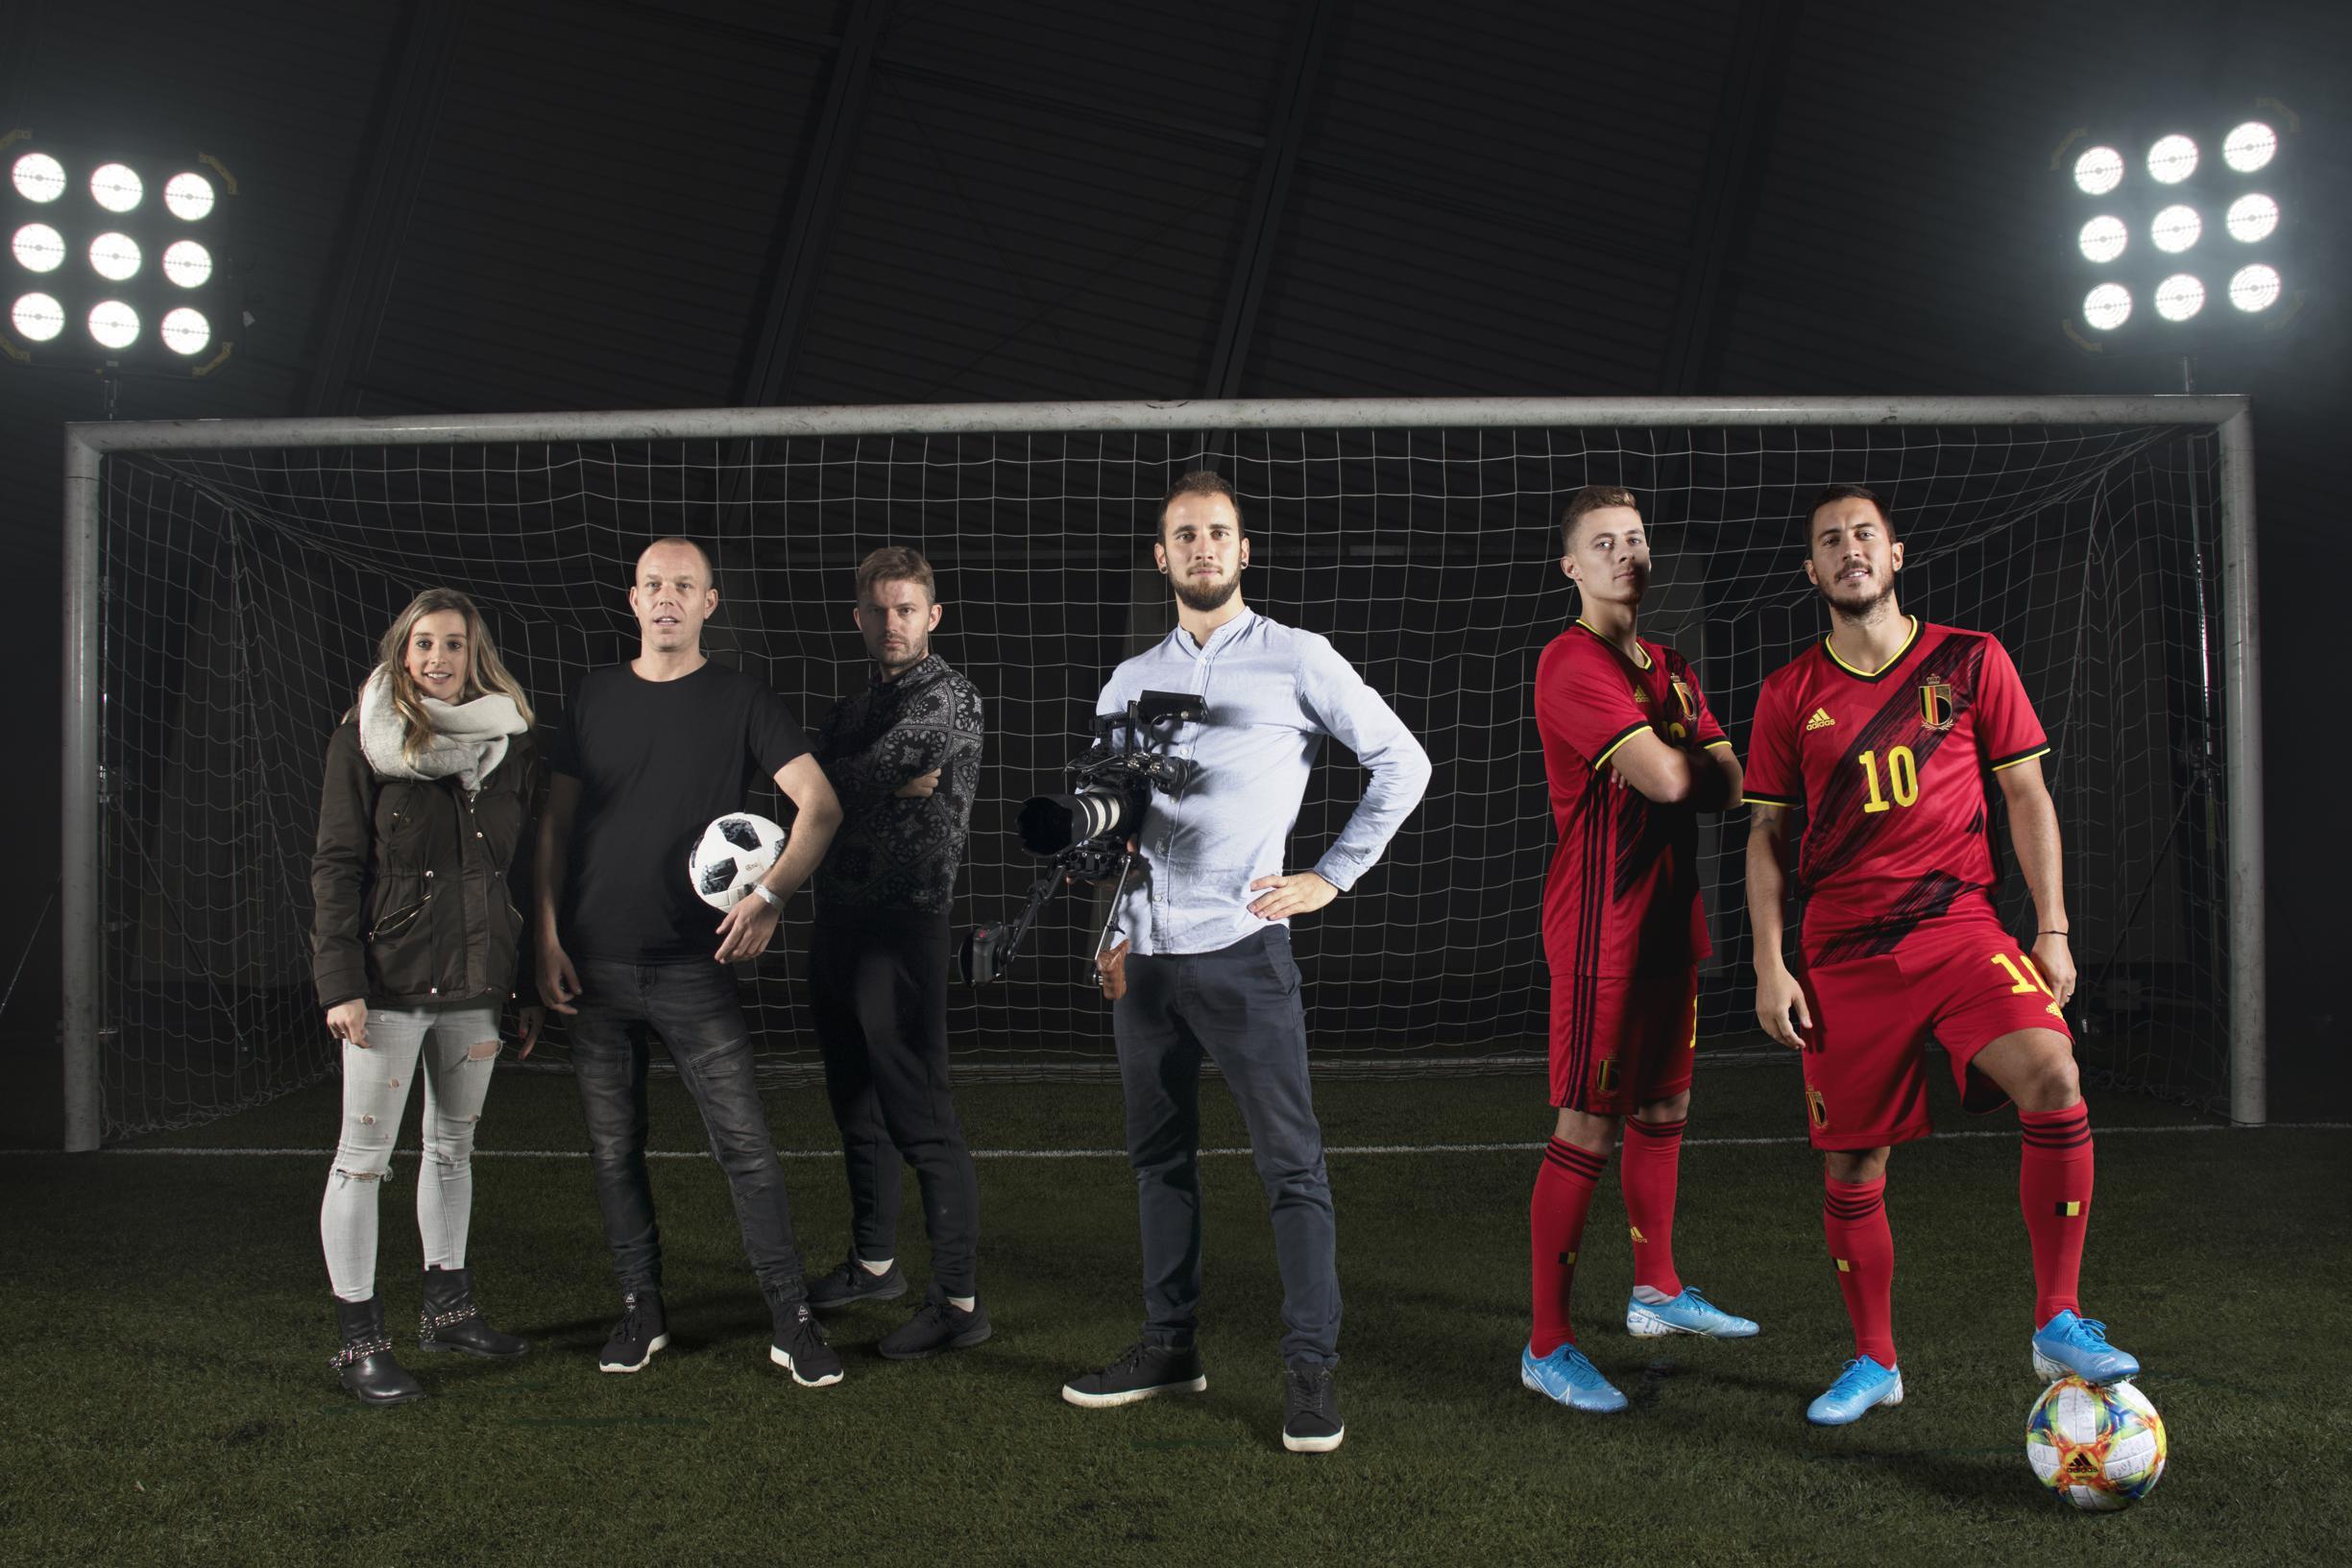 Zonhovens bedrijf zet u in 3D naast Lukaku of Hazard - Het Belang van Limburg